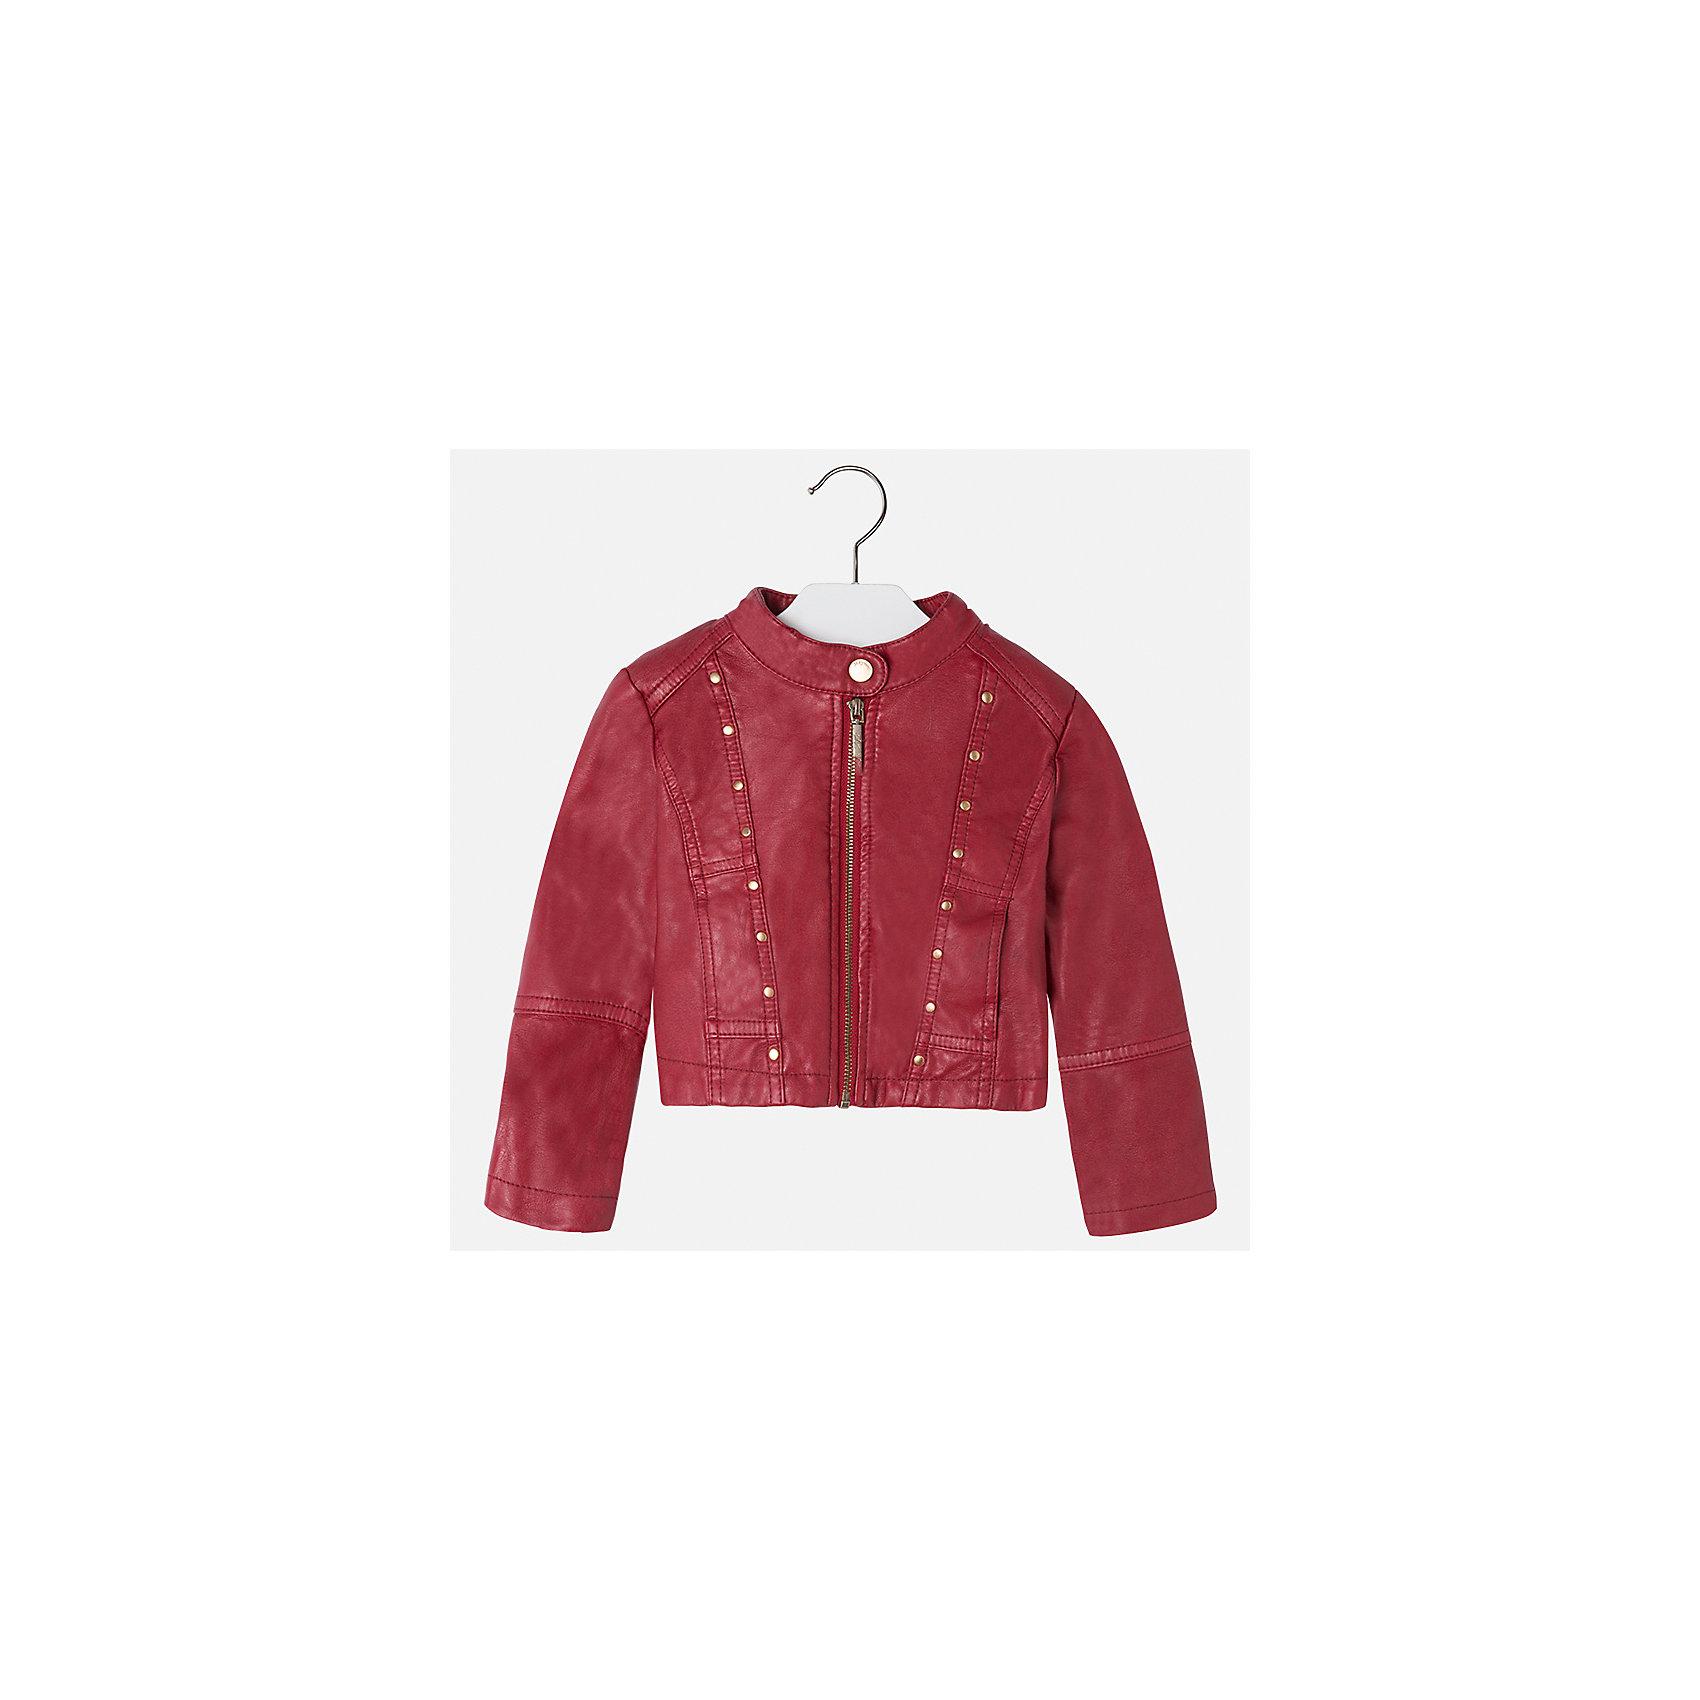 Куртка Mayoral для девочкиВерхняя одежда<br>Характеристики товара:<br><br>• цвет: красный<br>• состав ткани: 100% полиуретан, подклад - 100% полиэстер<br>• застежка: молния<br>• длинные рукава<br>• сезон: круглый год<br>• страна бренда: Испания<br>• страна изготовитель: Индия<br><br>Стильная куртка с небольшими клепками для девочки от Майорал поможет обеспечить тепло и комфорт. Эффектная детская куртка отличается модным укороченным силуэтом. <br><br>Детская одежда от испанской компании Mayoral отличаются оригинальным и всегда стильным дизайном. Качество продукции неизменно очень высокое.<br><br>Куртку для девочки Mayoral (Майорал) можно купить в нашем интернет-магазине.<br><br>Ширина мм: 356<br>Глубина мм: 10<br>Высота мм: 245<br>Вес г: 519<br>Цвет: красный<br>Возраст от месяцев: 60<br>Возраст до месяцев: 72<br>Пол: Женский<br>Возраст: Детский<br>Размер: 116,122,128,134,104,110<br>SKU: 6924227